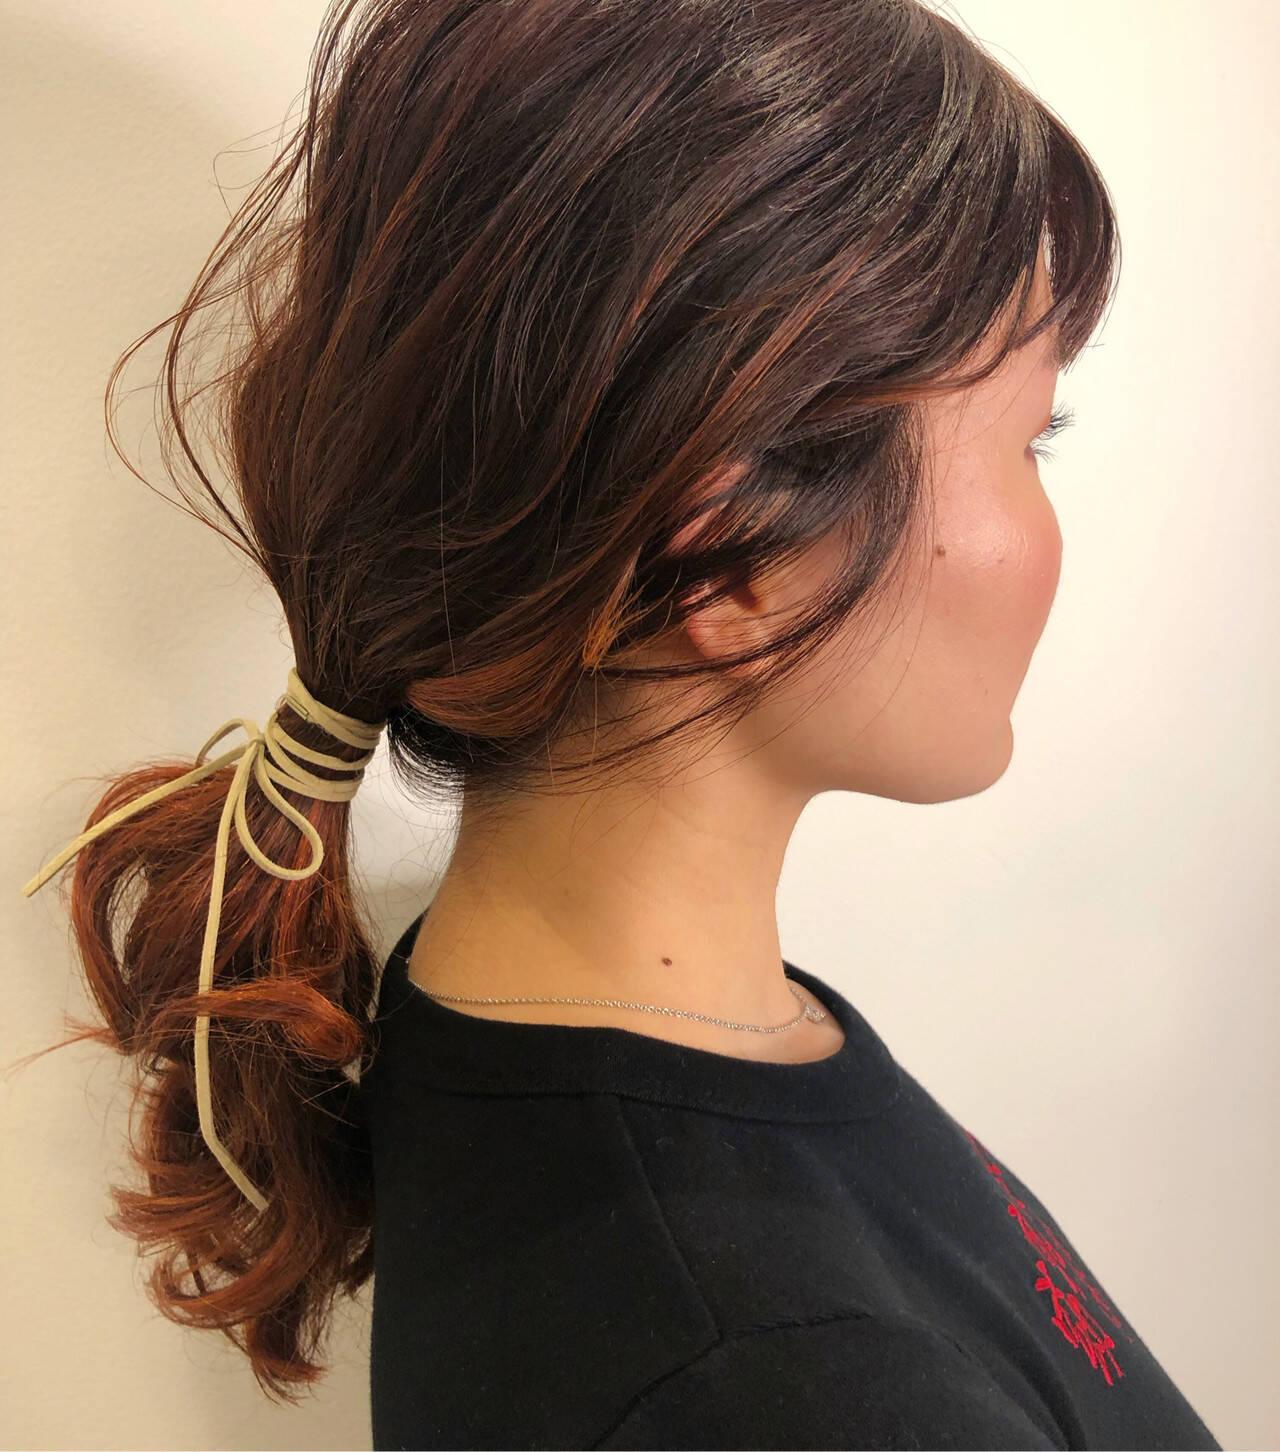 ミディアム 簡単ヘアアレンジ 結婚式 成人式ヘアスタイルや髪型の写真・画像